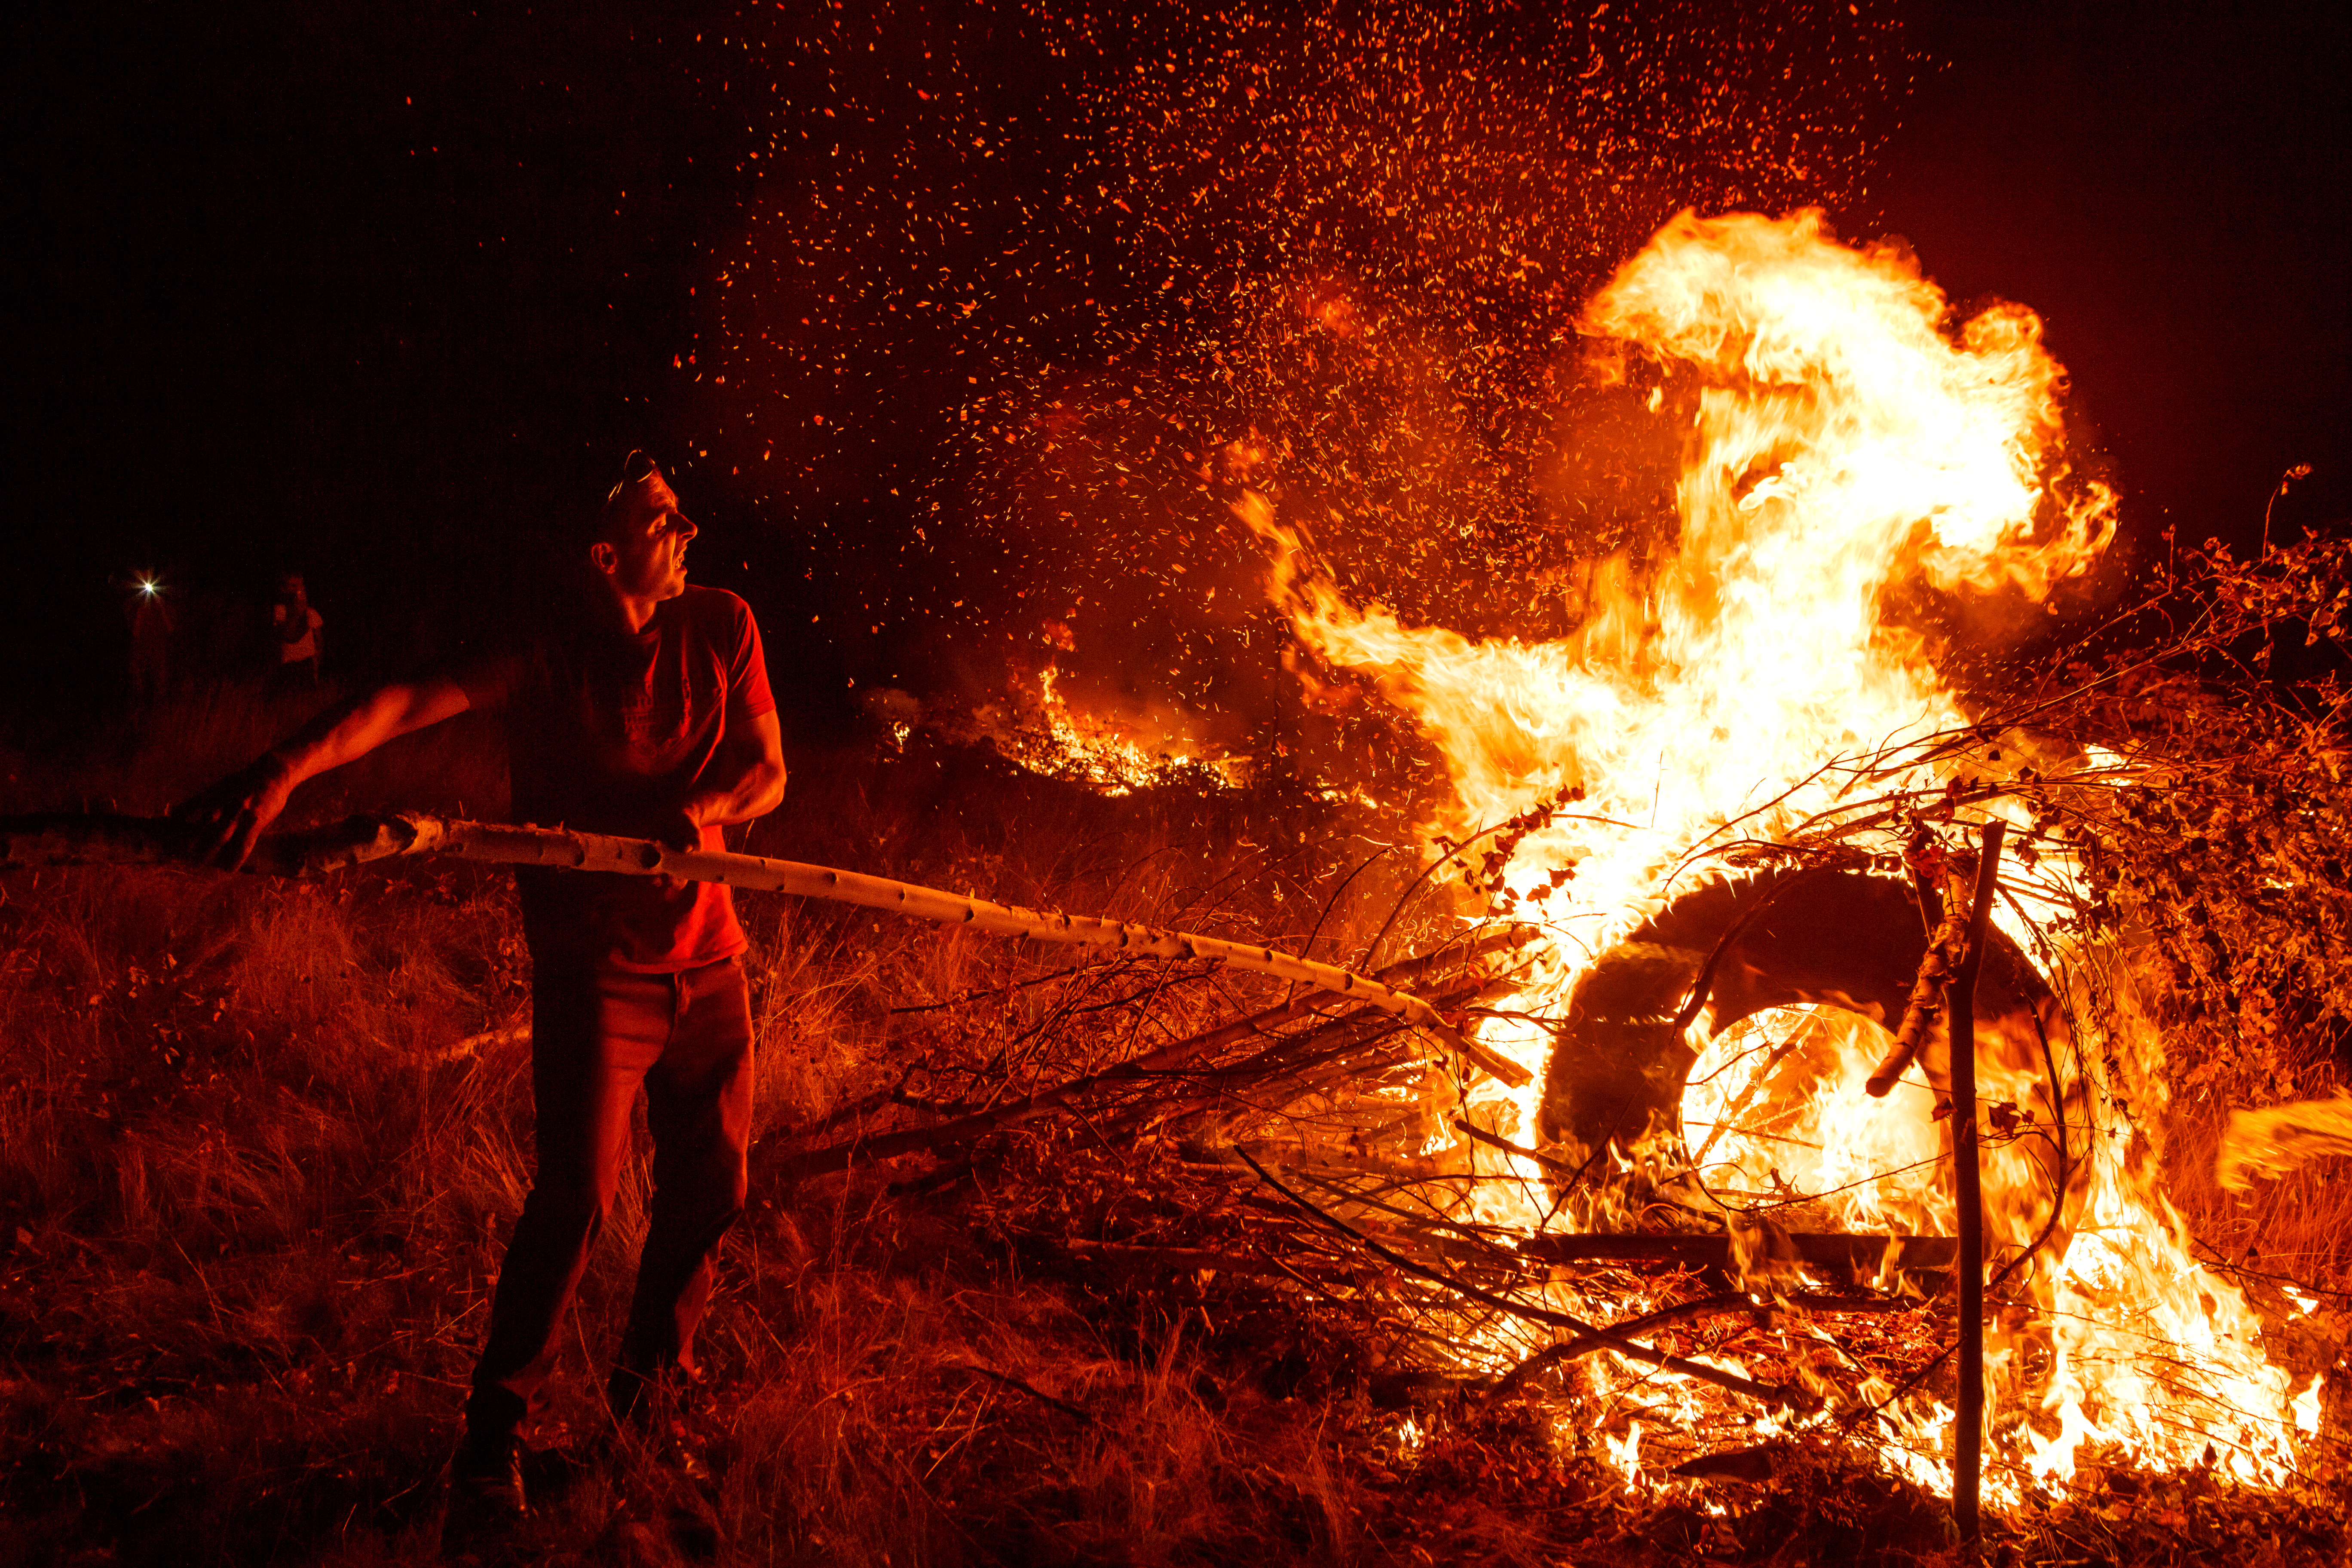 Burning subitky in Zakarpattia Region